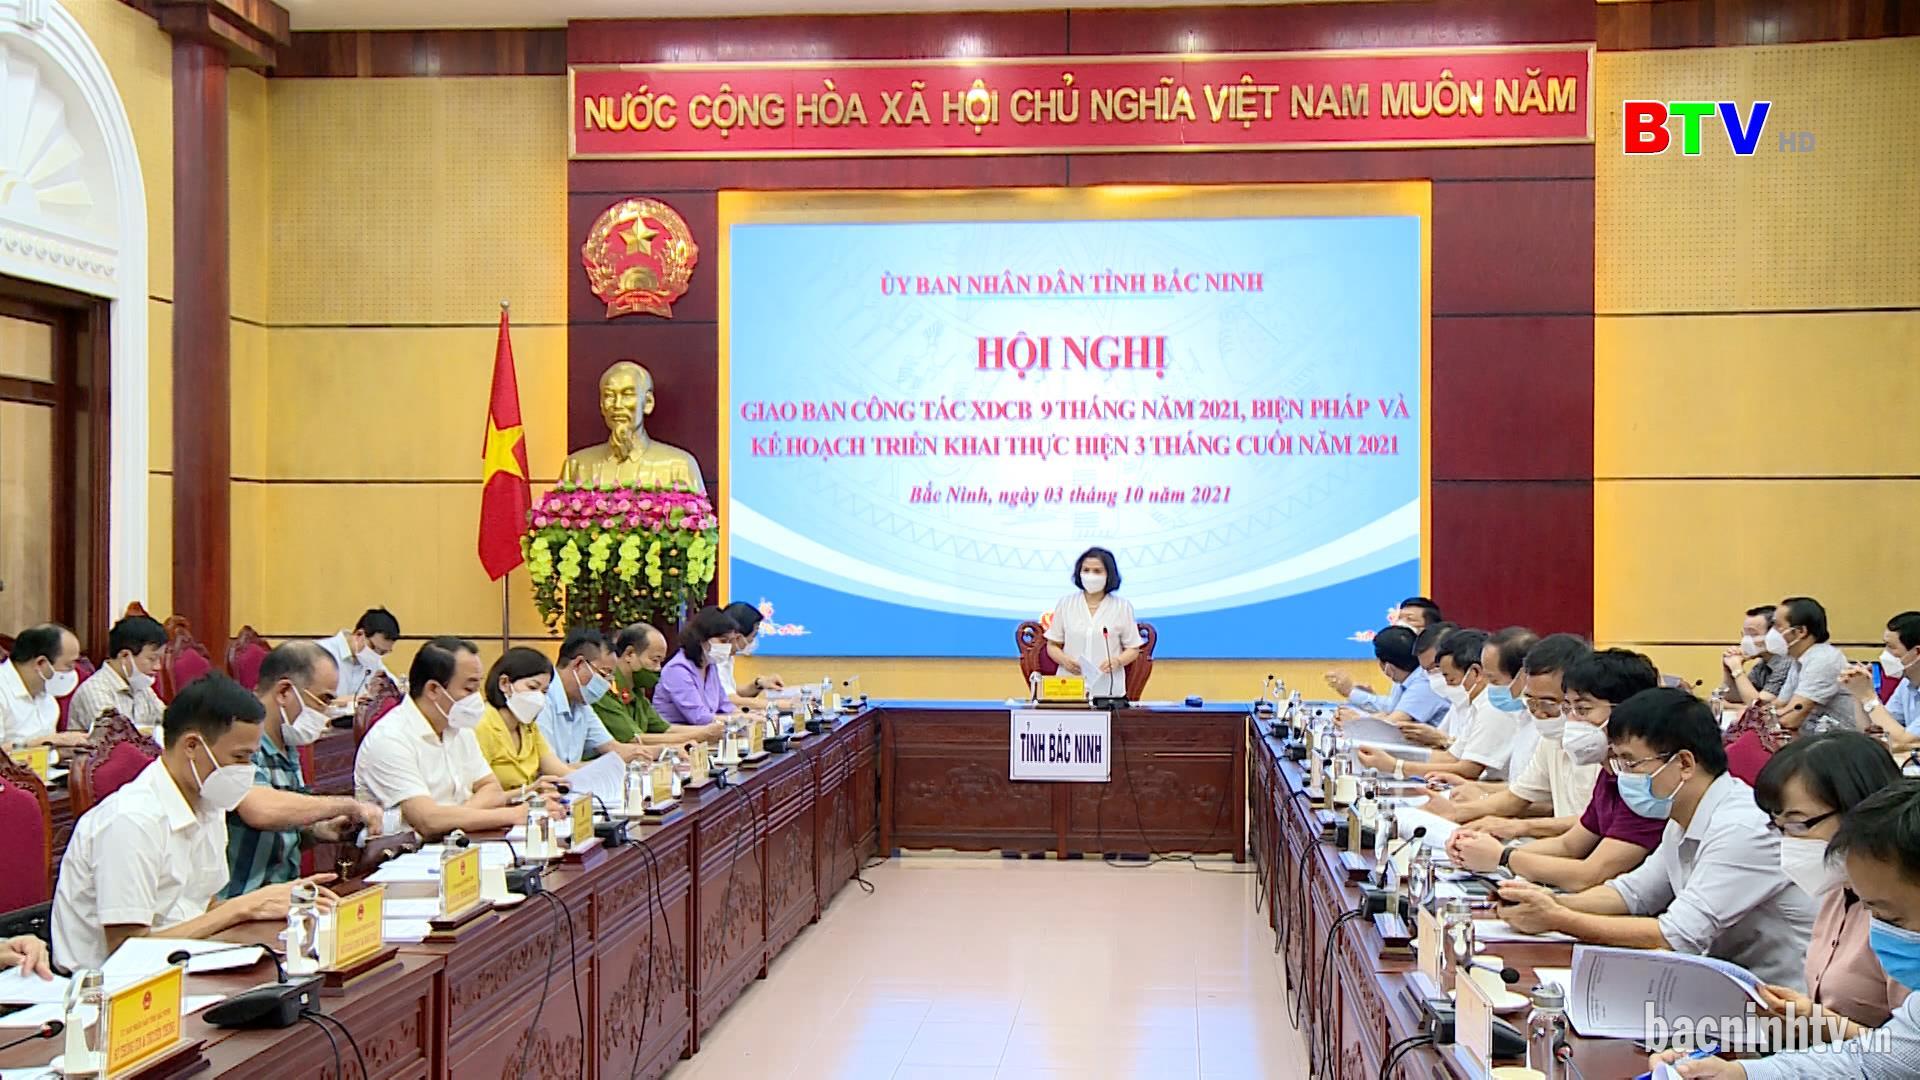 UBND tỉnh giao ban công tác xây dựng cơ bản 9 tháng năm 2021